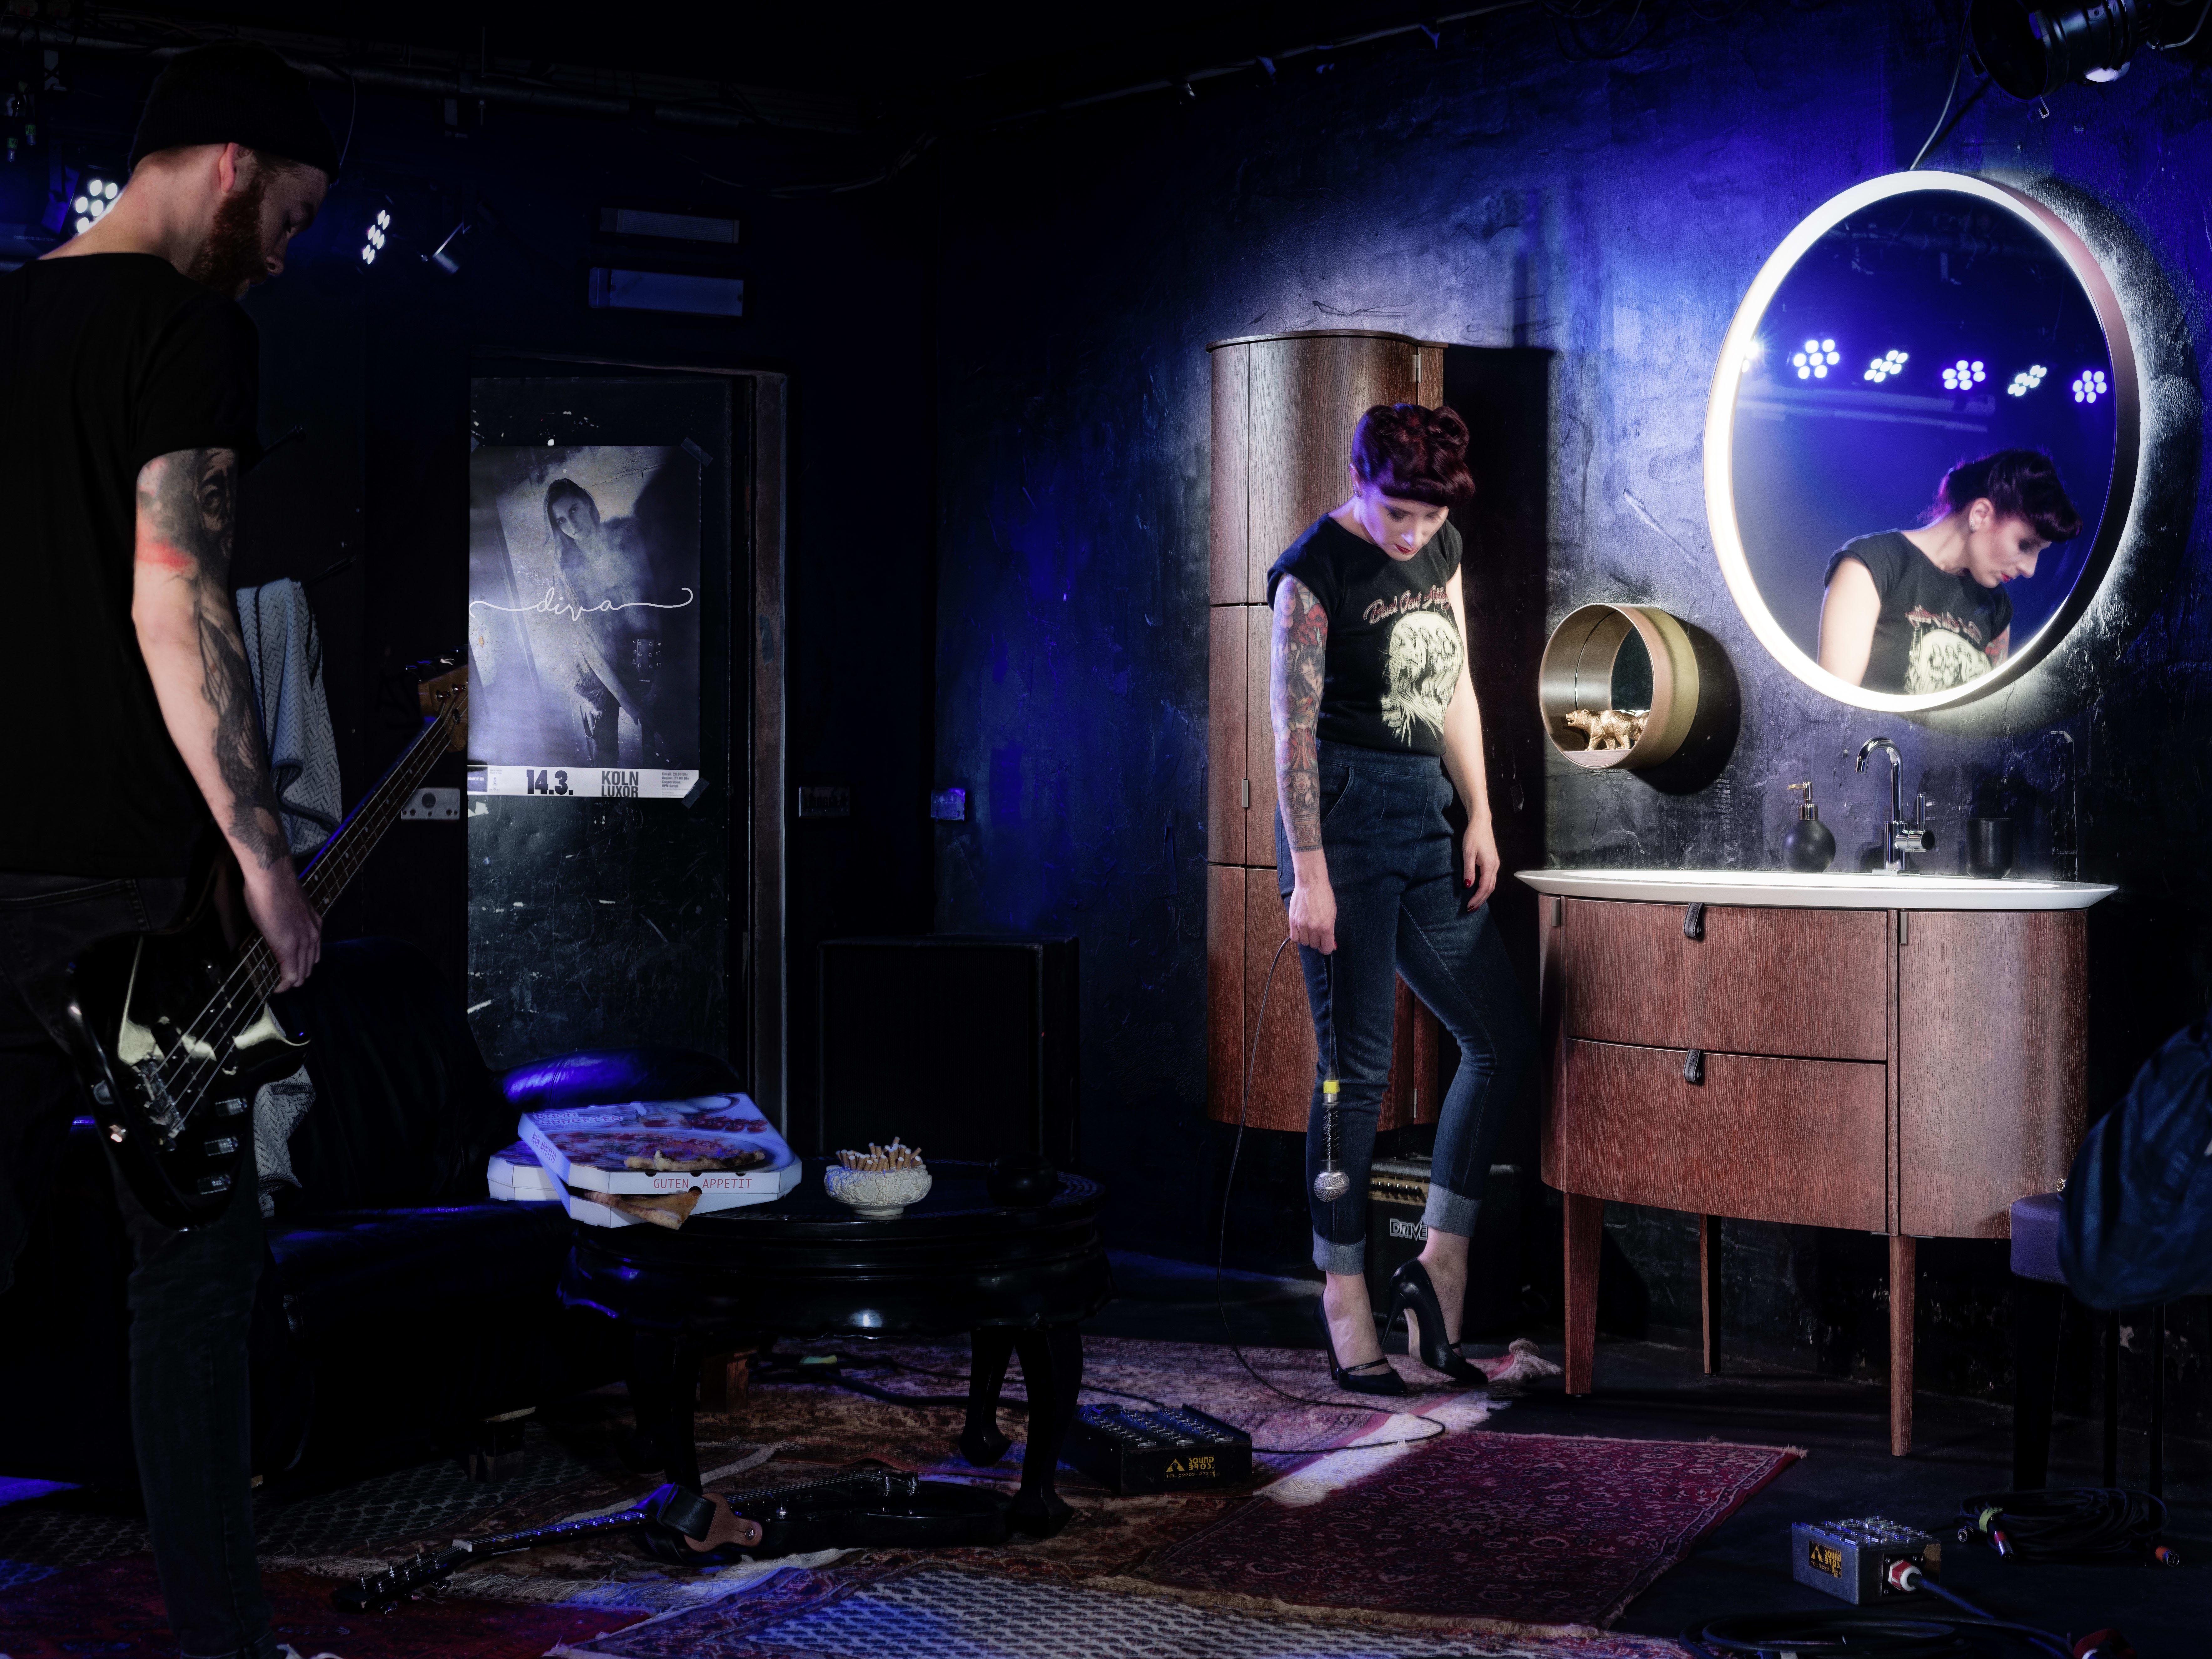 burgbad ag burgbad steht f r erstklassische badm bel. Black Bedroom Furniture Sets. Home Design Ideas